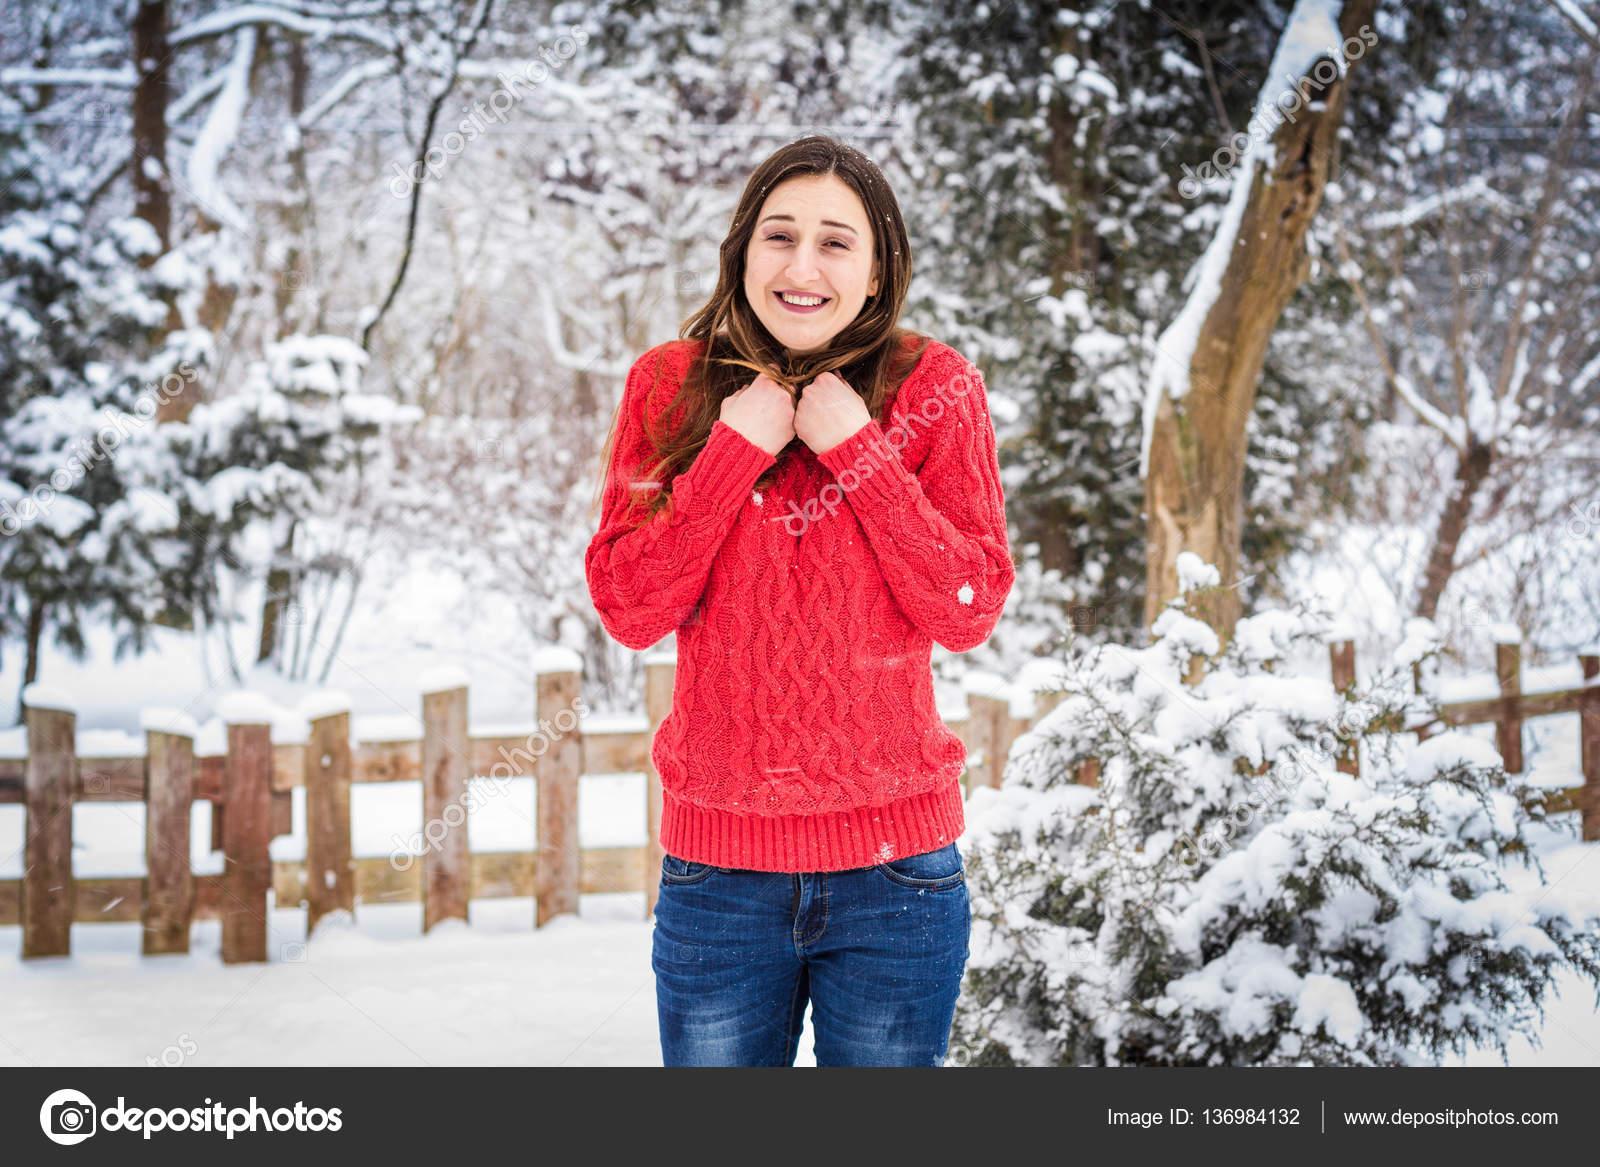 meilleure collection couleurs et frappant hot-vente authentique Hiver. Fille en pull rouge sur fond de neige souriant ...